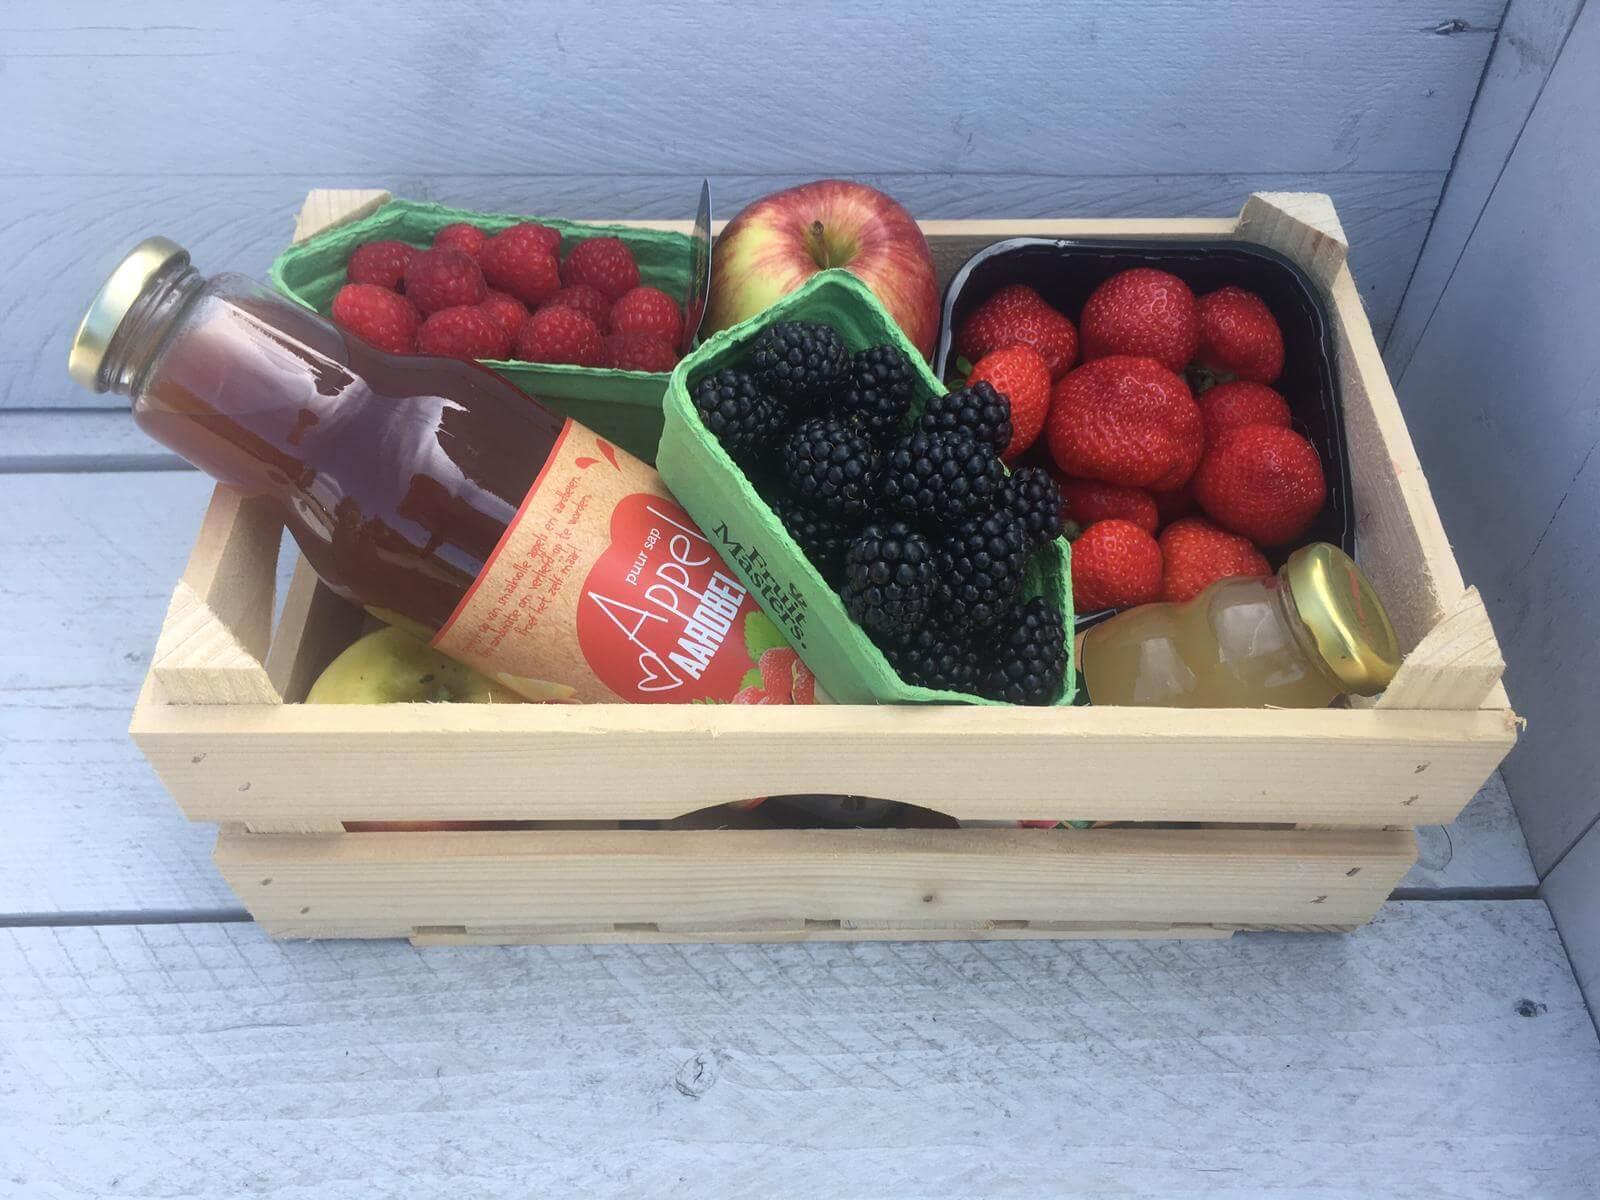 Fruitbedrijf Van den Berge: Fruitkistje met zomerfruit